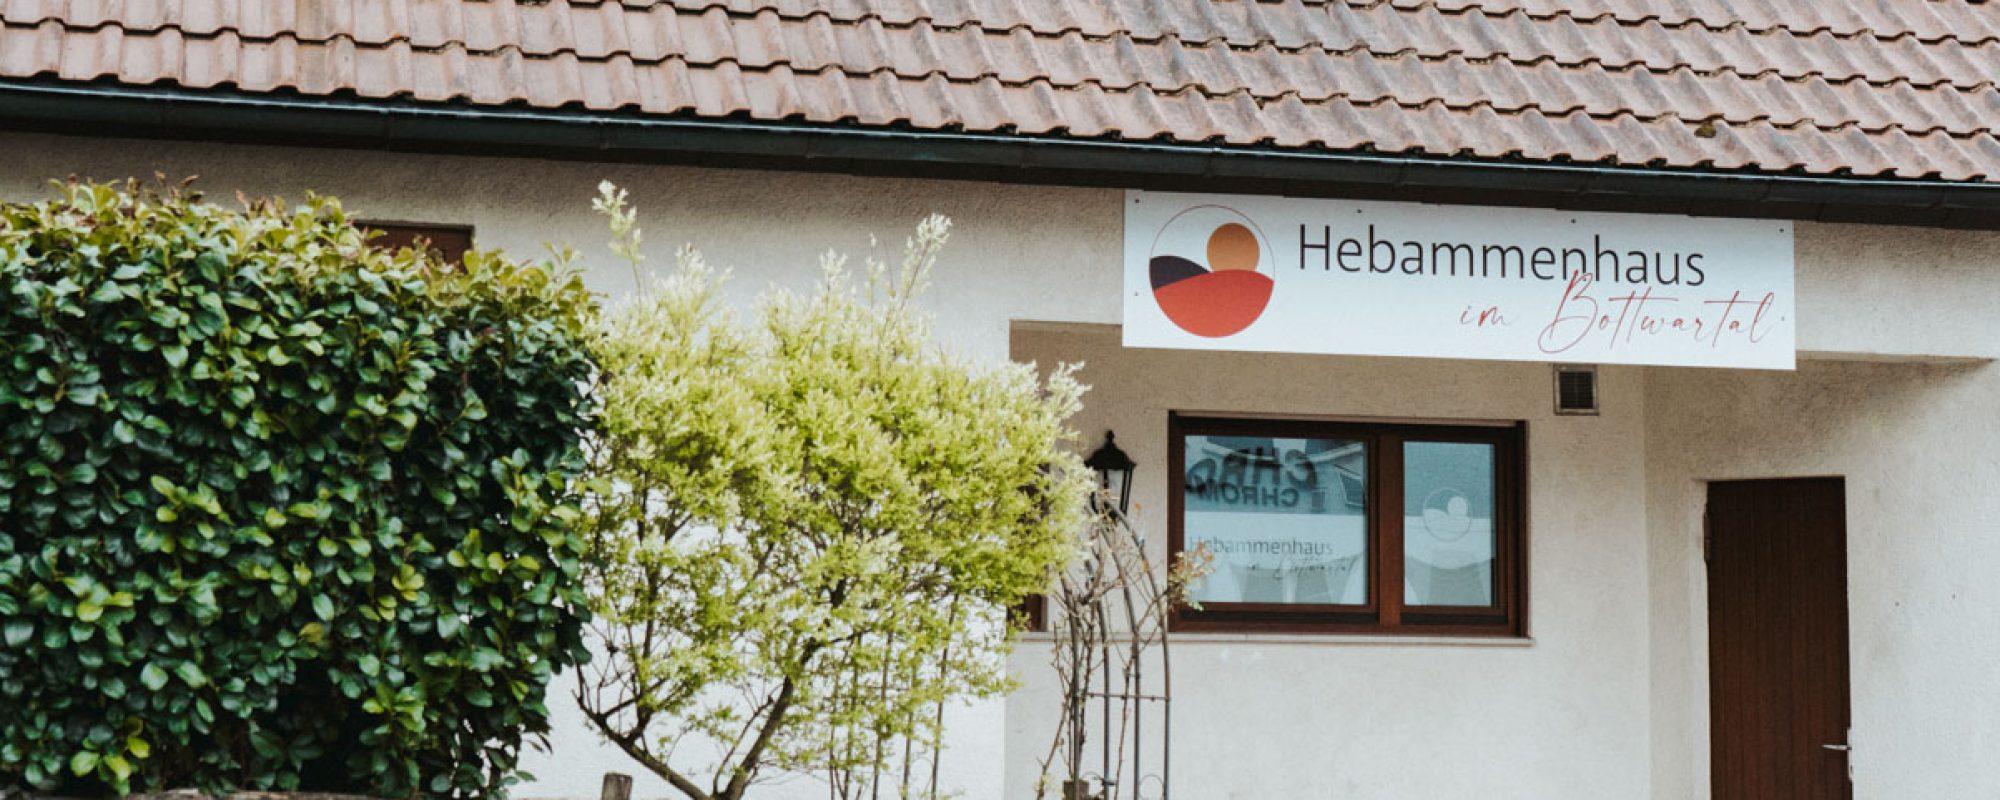 20210430_Hebammenhaus-Botwartal_web_178-2